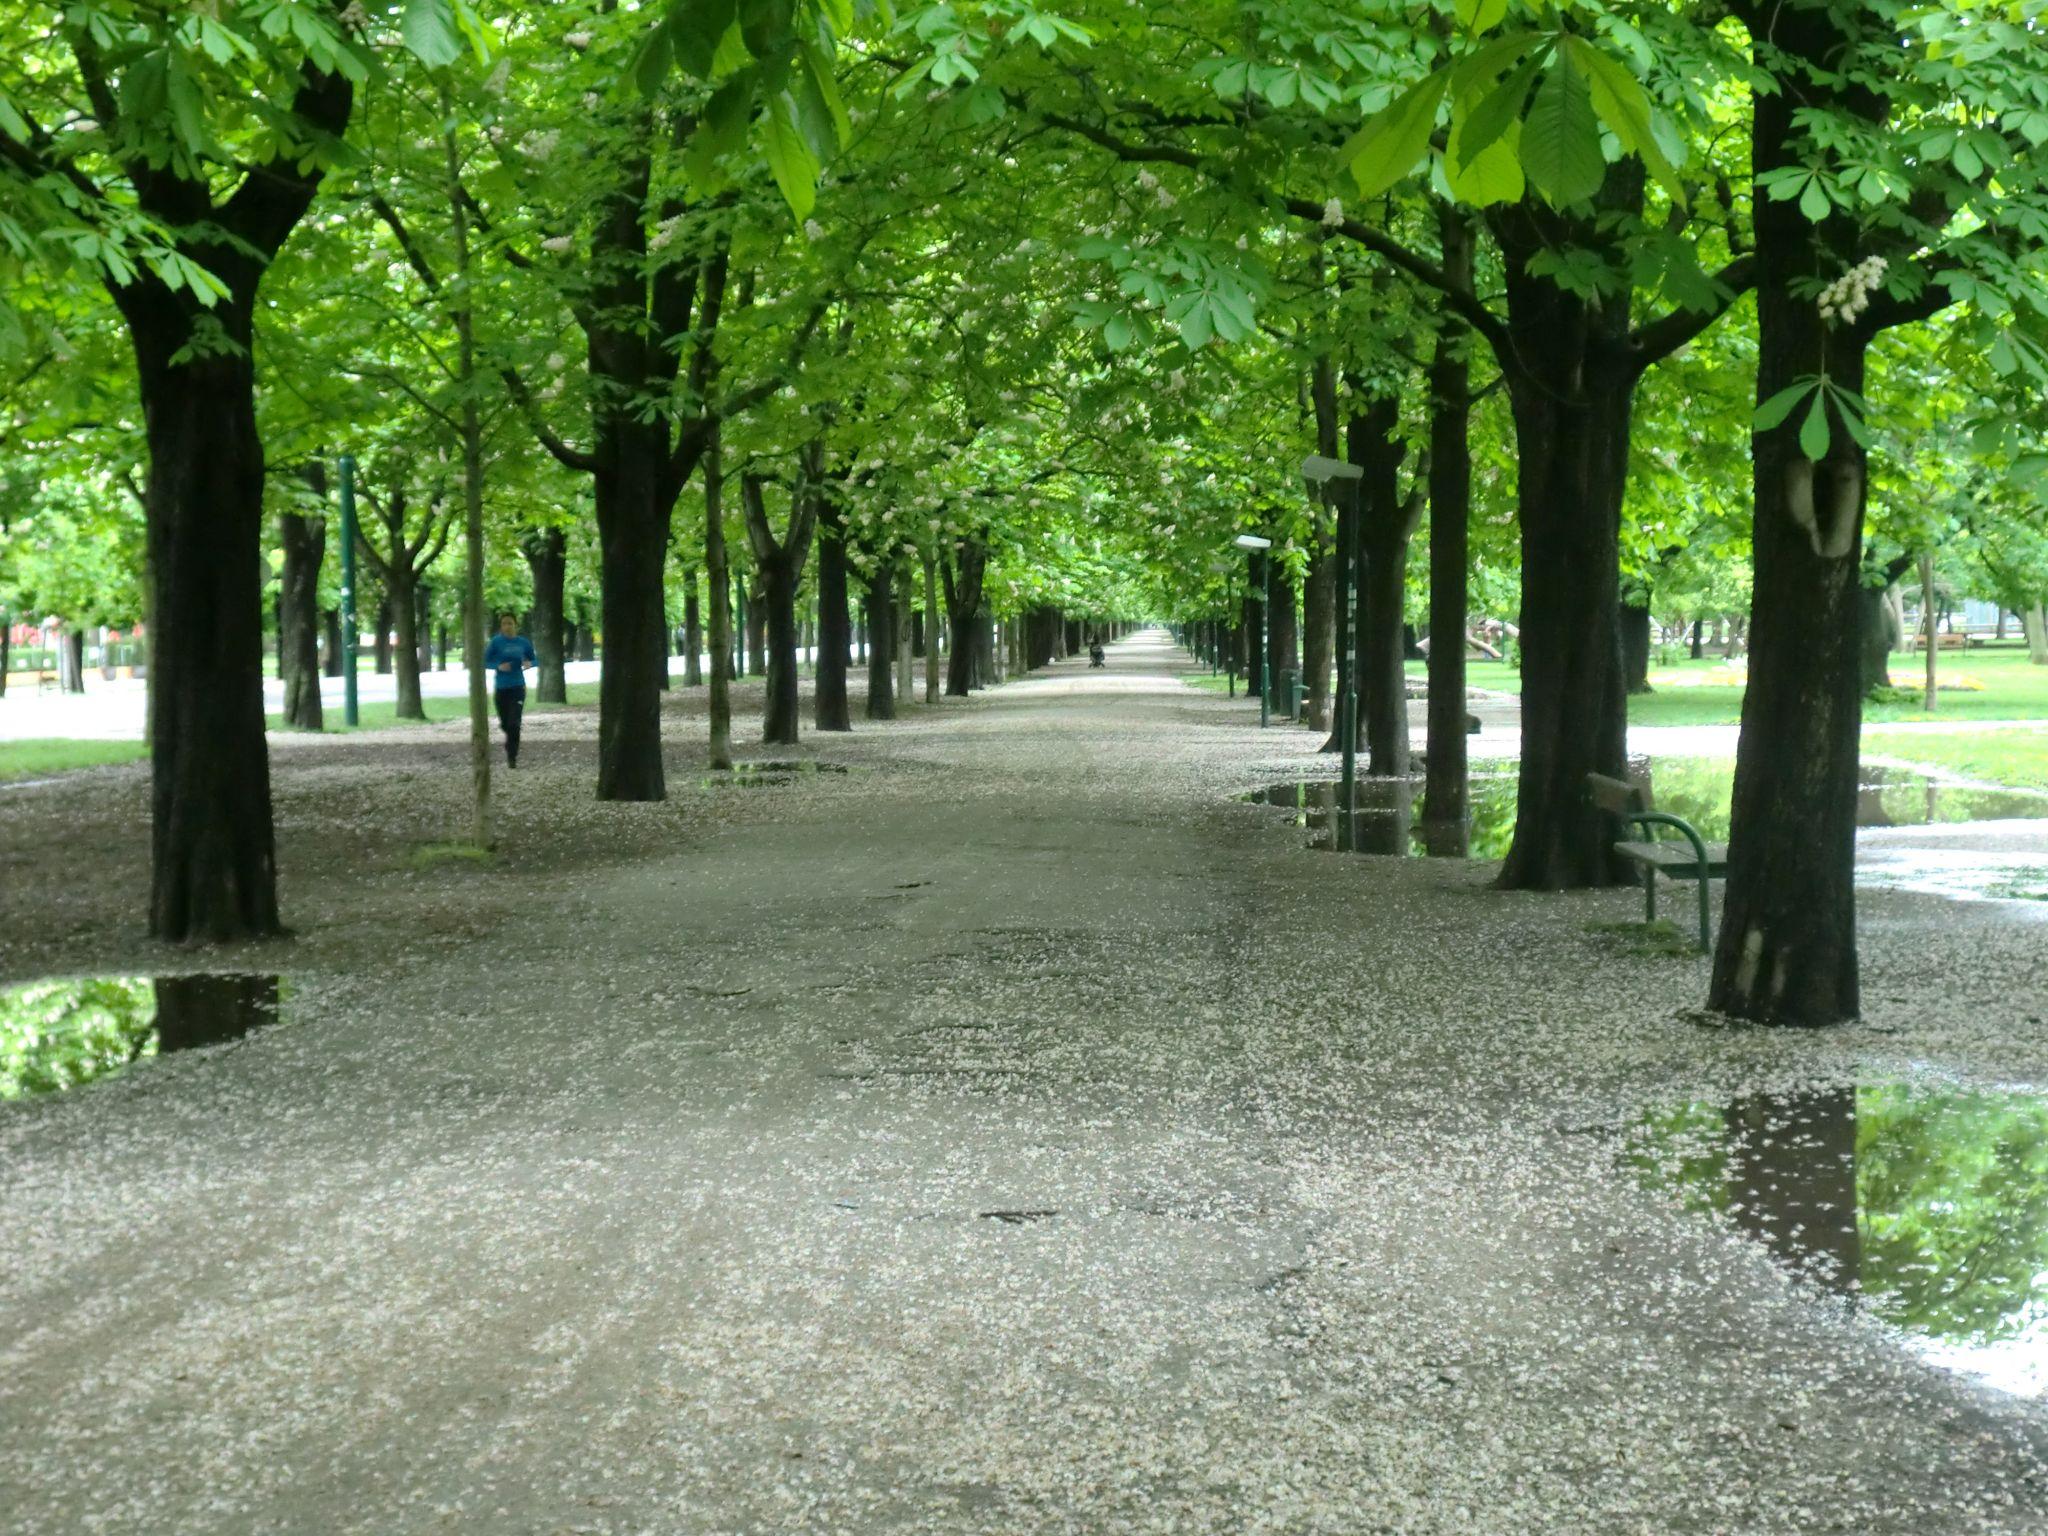 Vienna park 41 1440x1080 - Vienna: elegant beauty